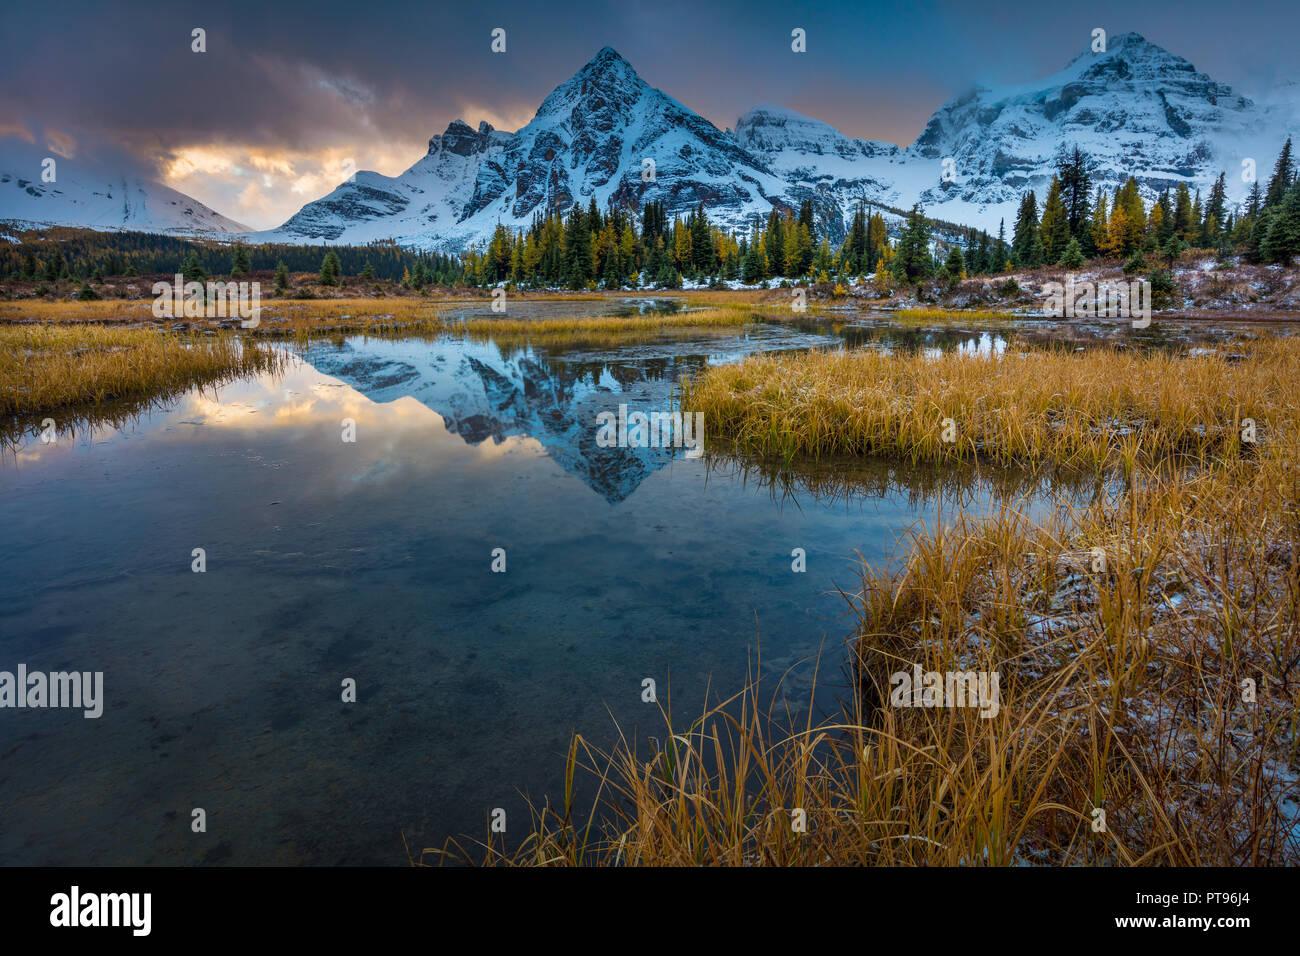 Il Monte Assiniboine Provincial Park è un parco provinciale in British Columbia, Canada, situato intorno al Monte Assiniboine. Il parco è stato istituito nel 1922. S Immagini Stock